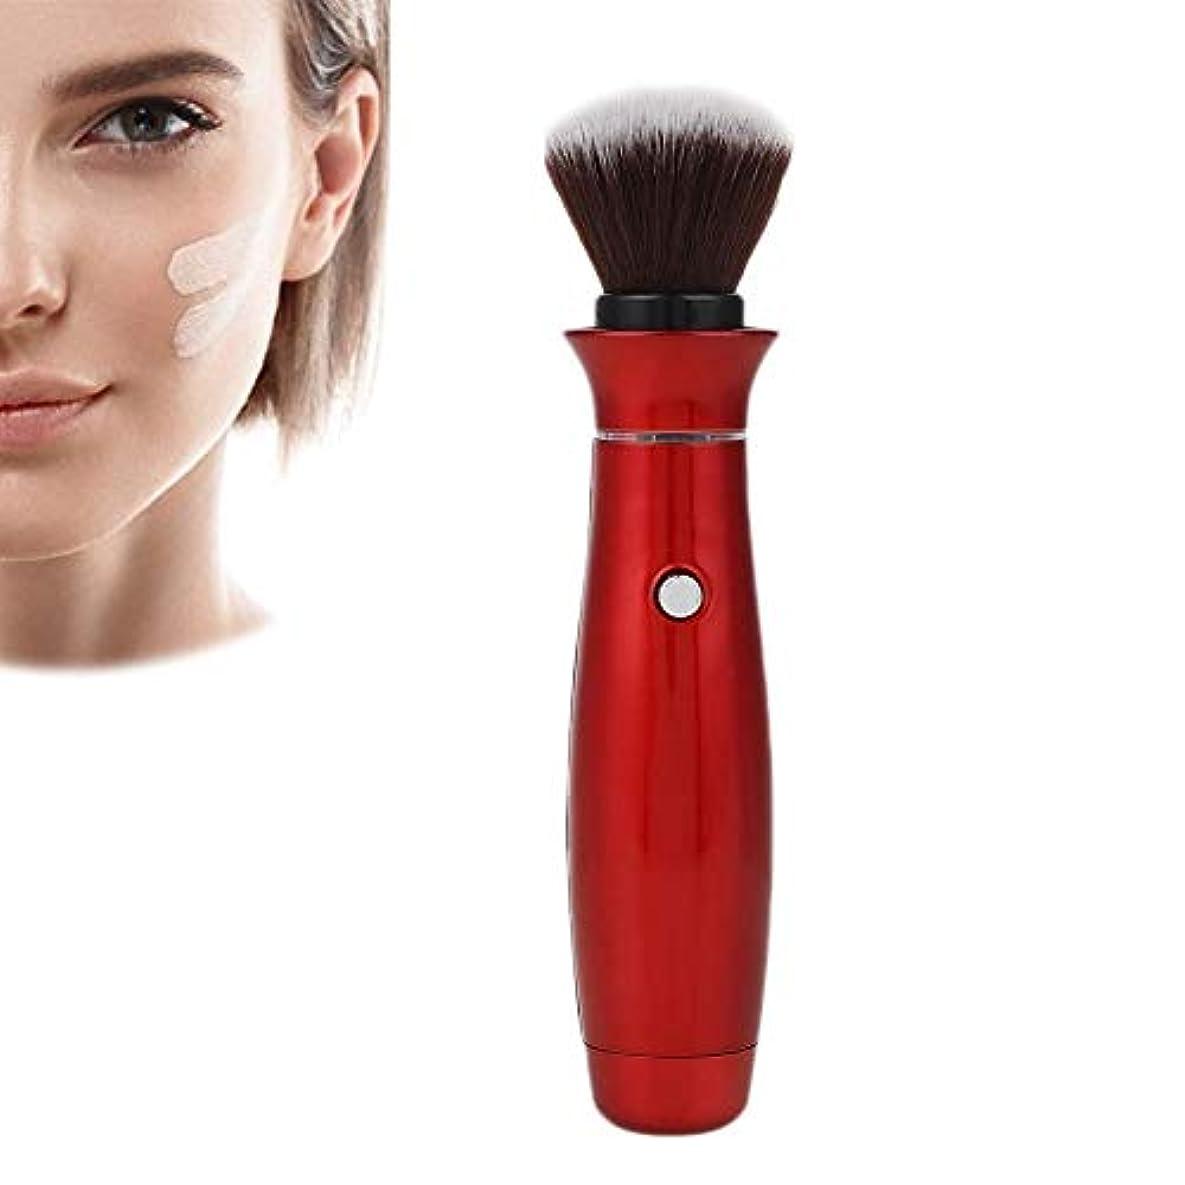 シュリンク高架上級新しい化粧ブラシフェイシャルマッサージブラシ電気クリーニングブラシウォッシュブラシ美容メイクアップツール